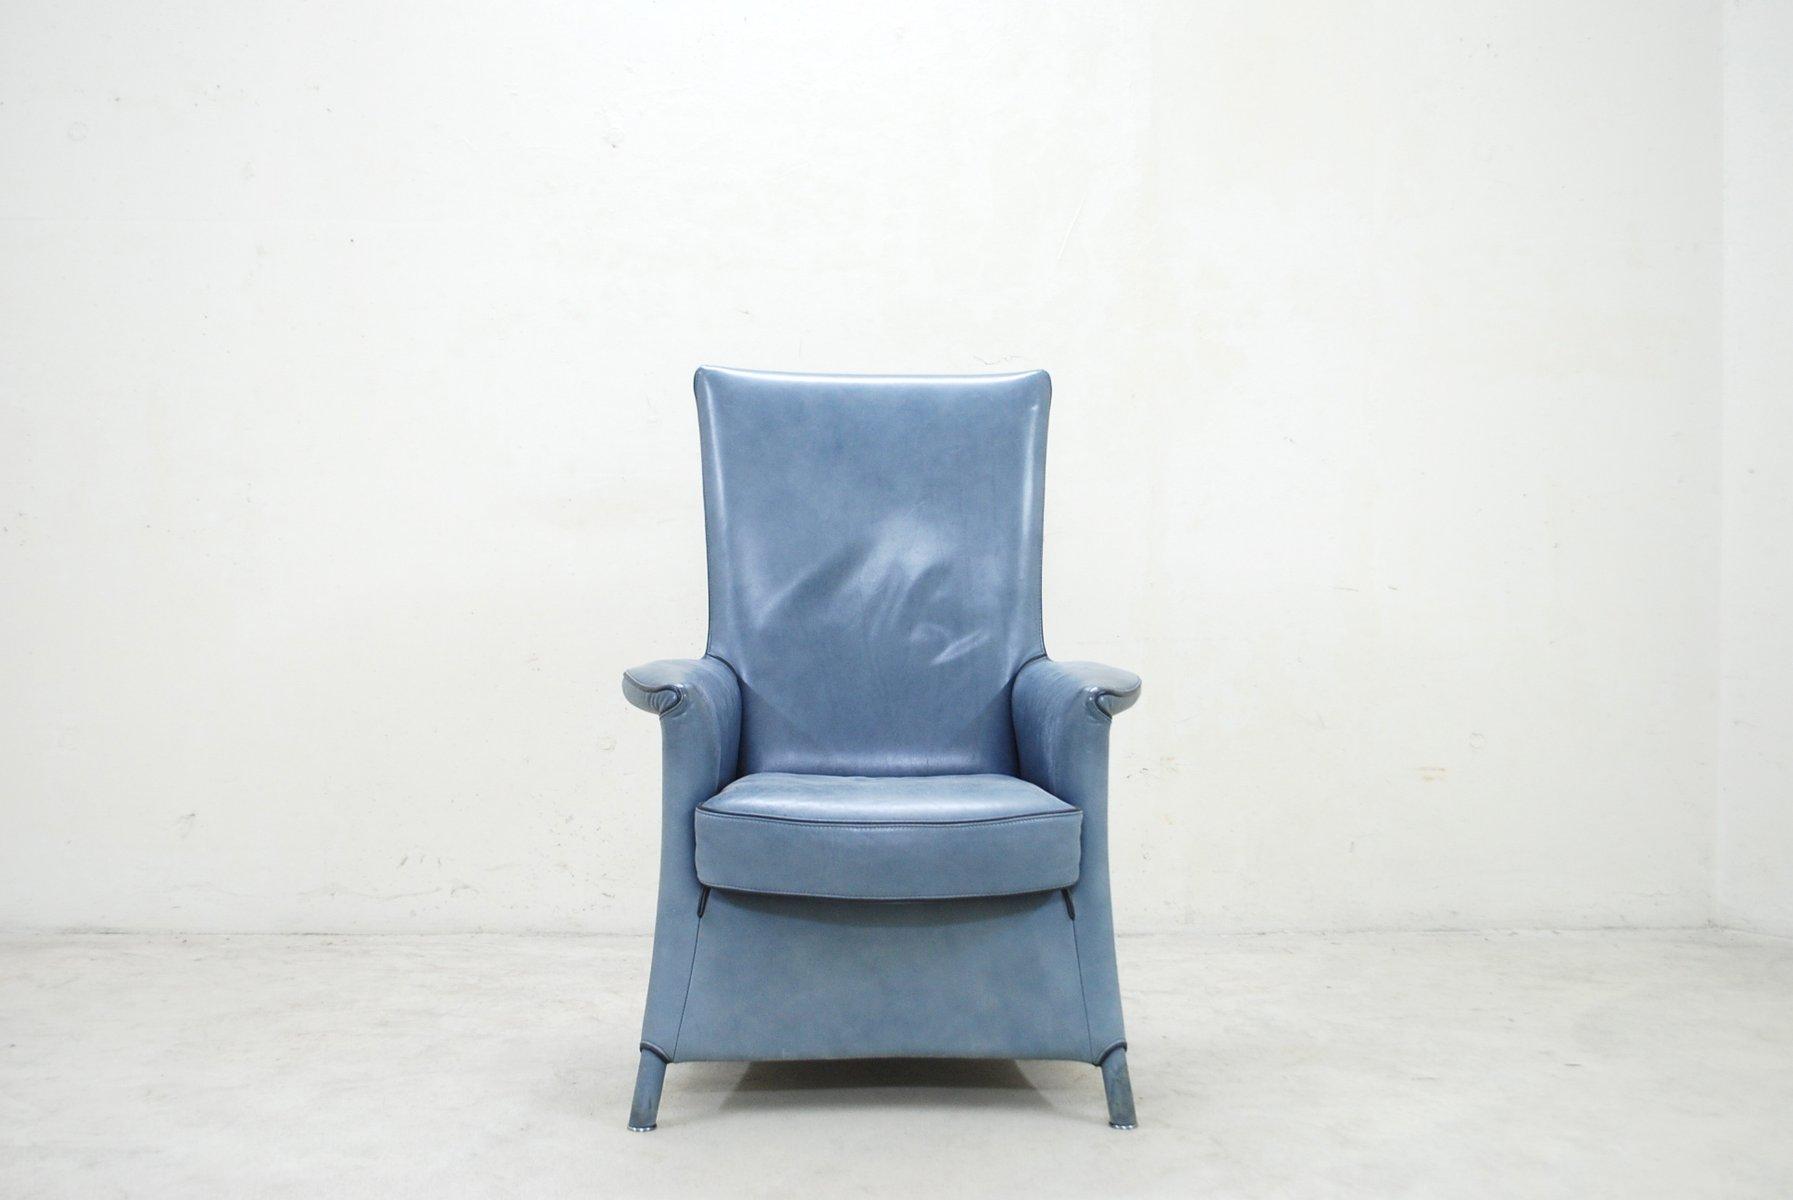 vintage alta sessel mit hoher r ckenlehne von paolo piva f r wittmann bei pamono kaufen. Black Bedroom Furniture Sets. Home Design Ideas